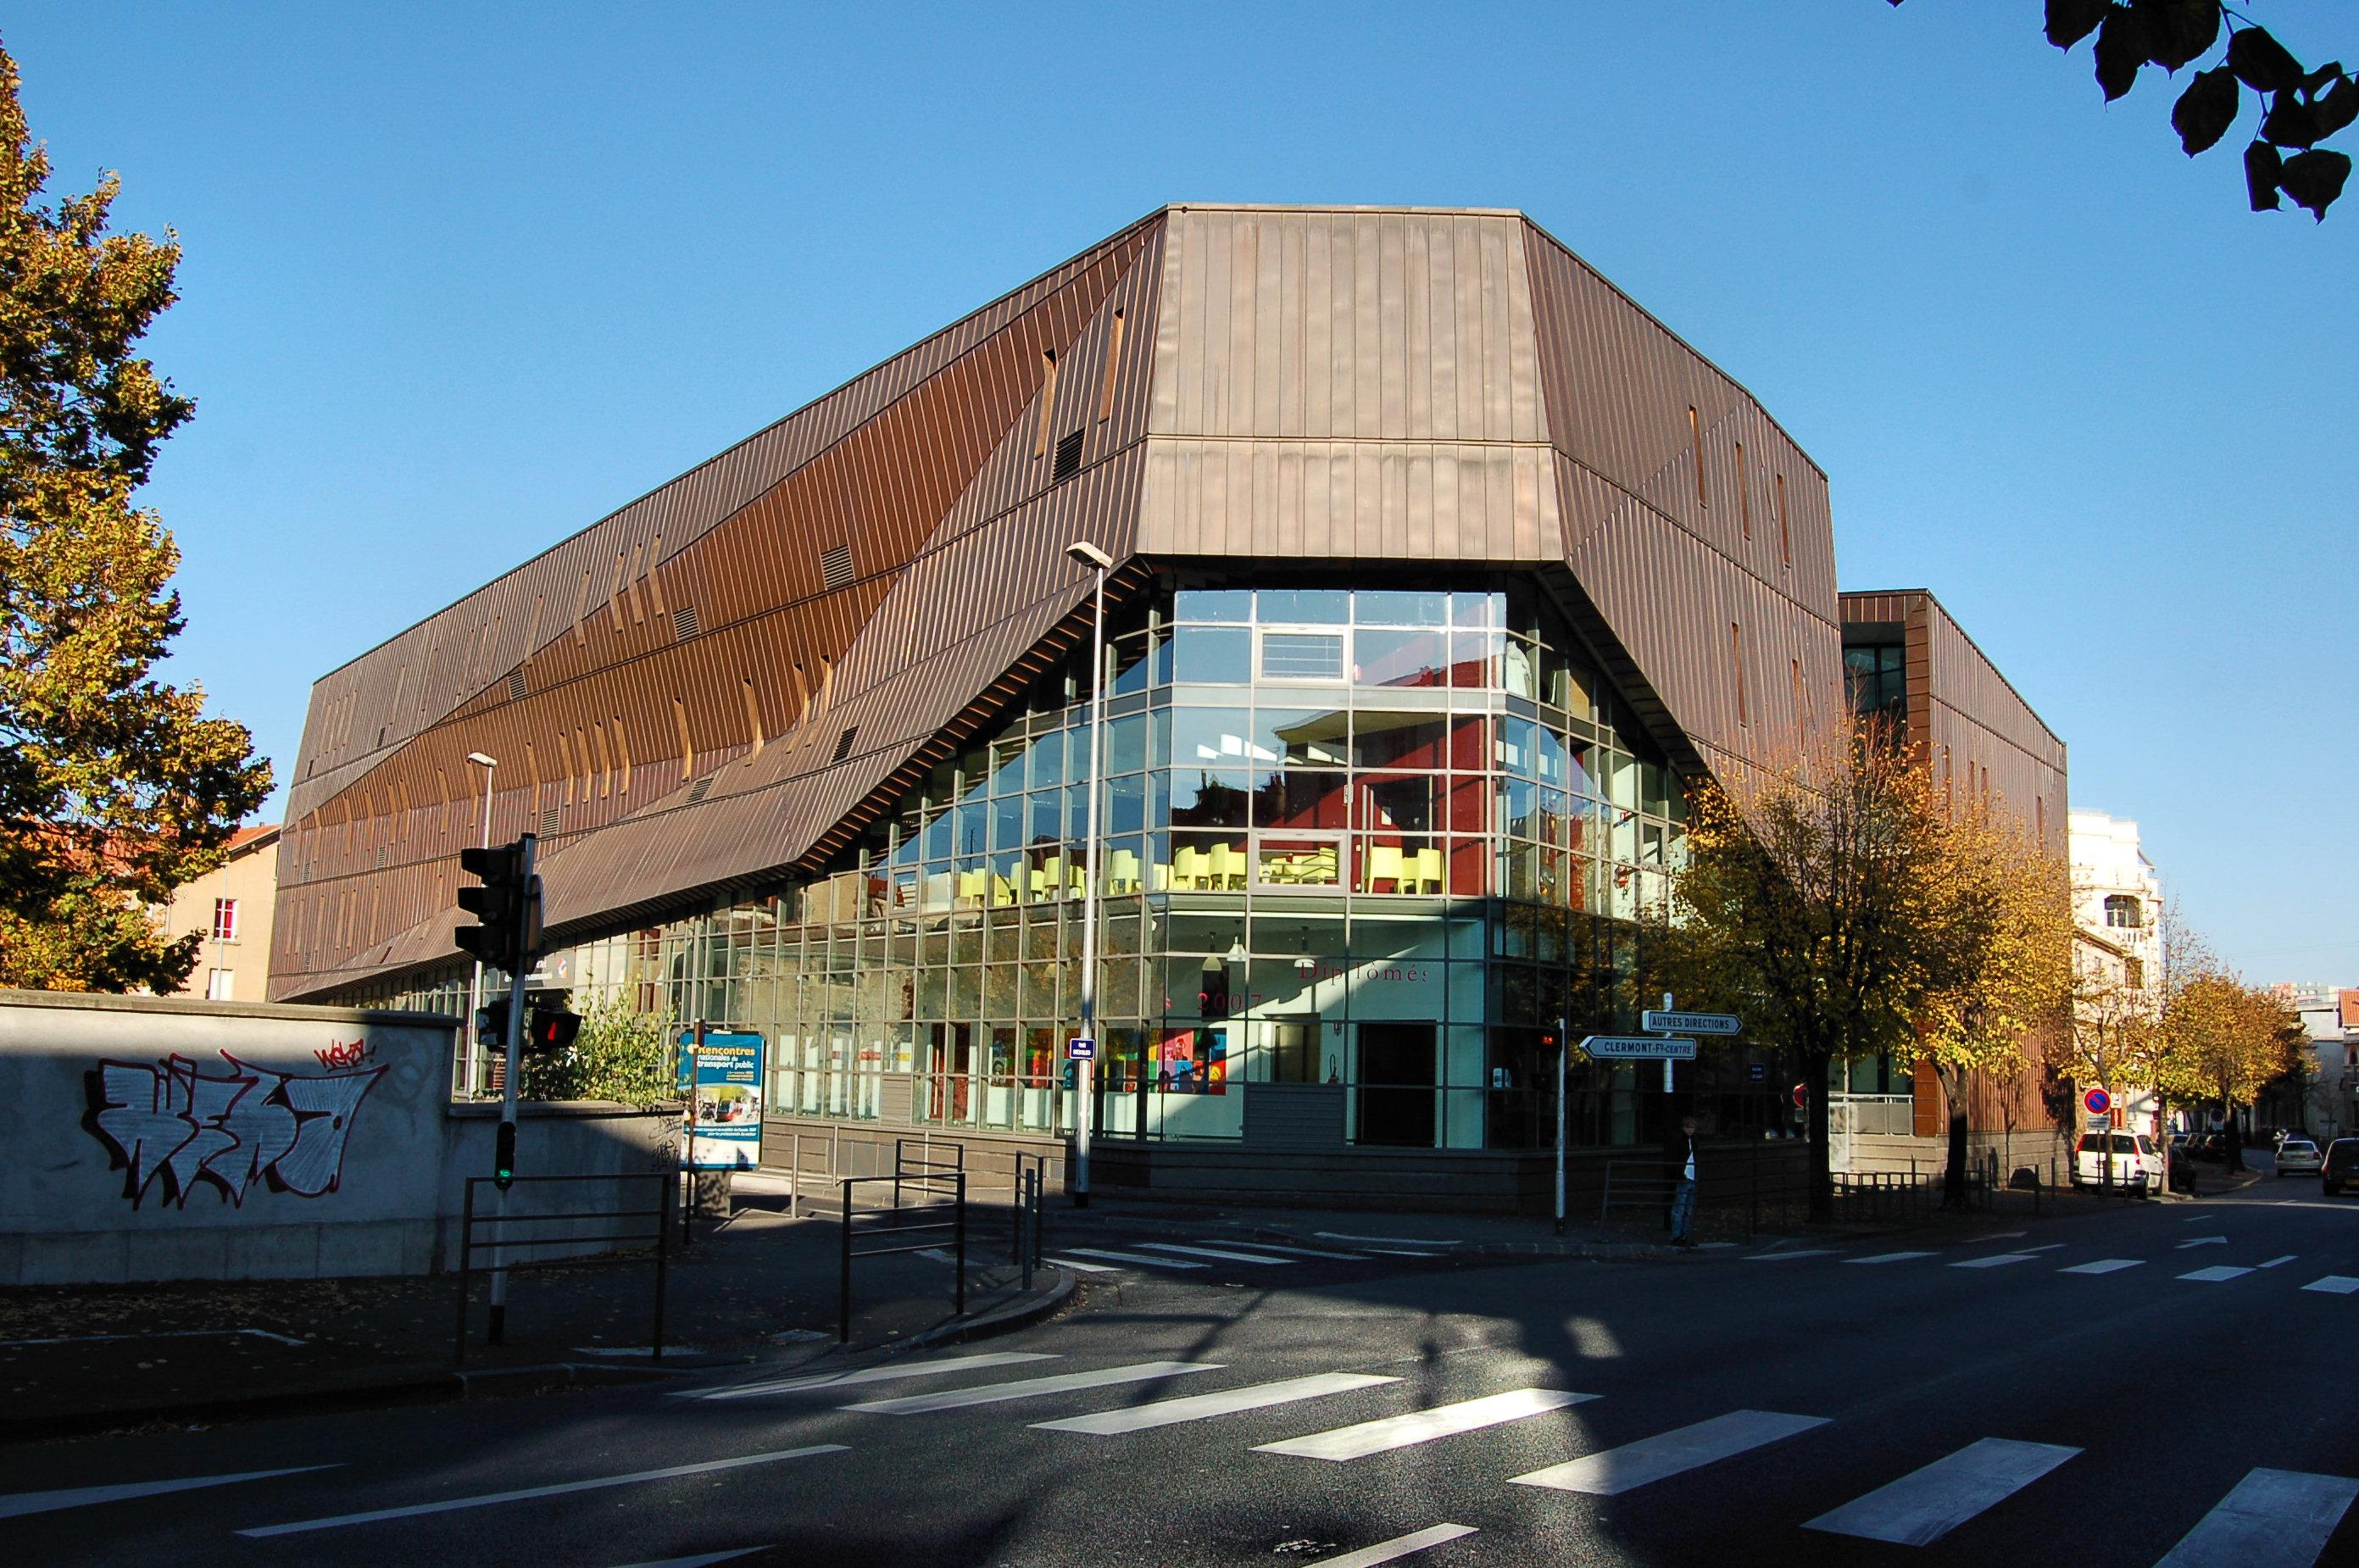 École D Architecture Clermont file:ecole superieure d art clermont co 2 - wikimedia